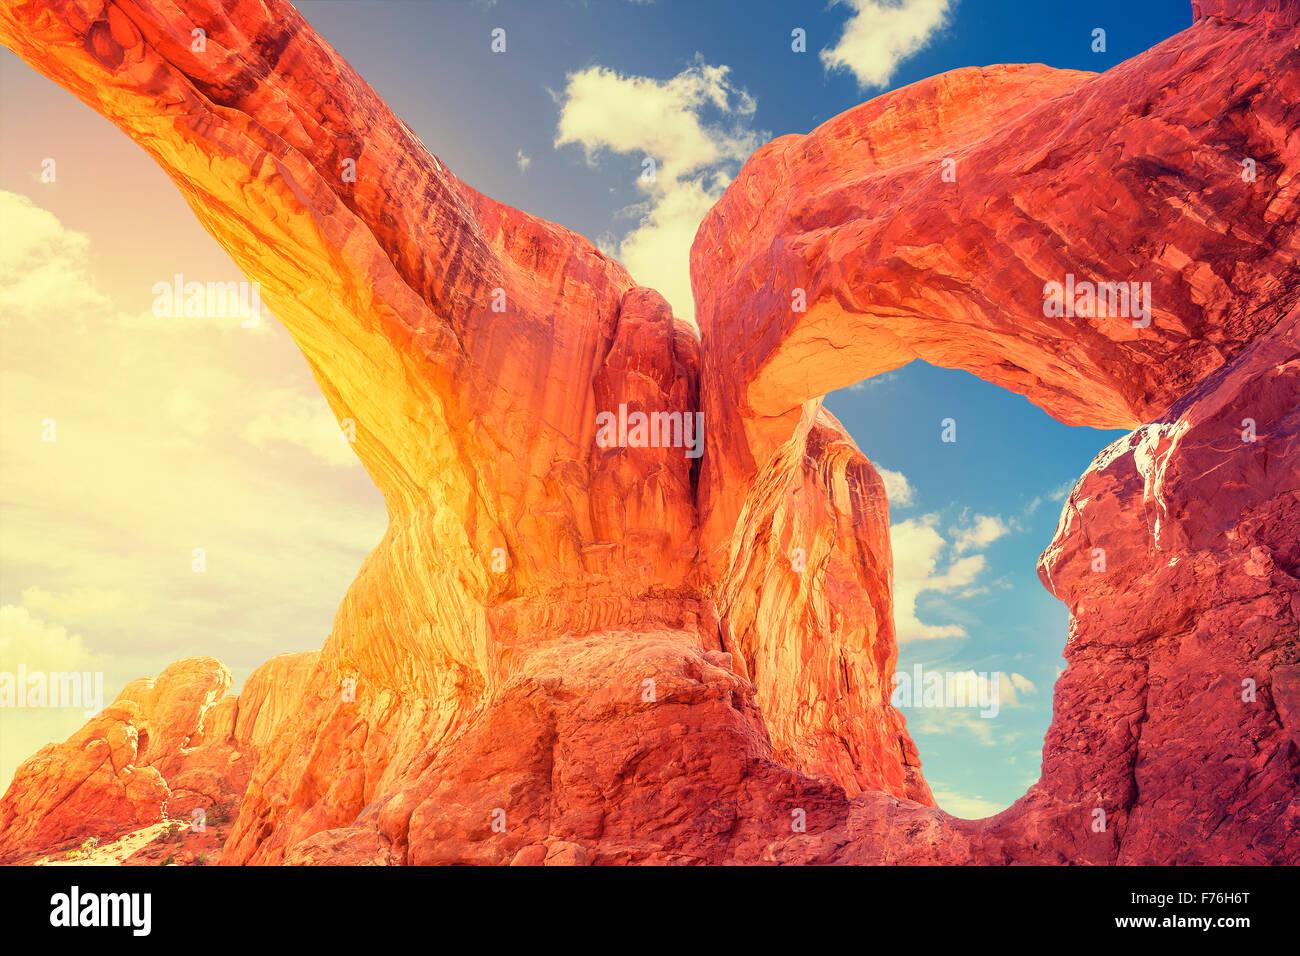 Tramonto a doppia arcata in Arches National Park, Stati Uniti d'America. Immagini Stock